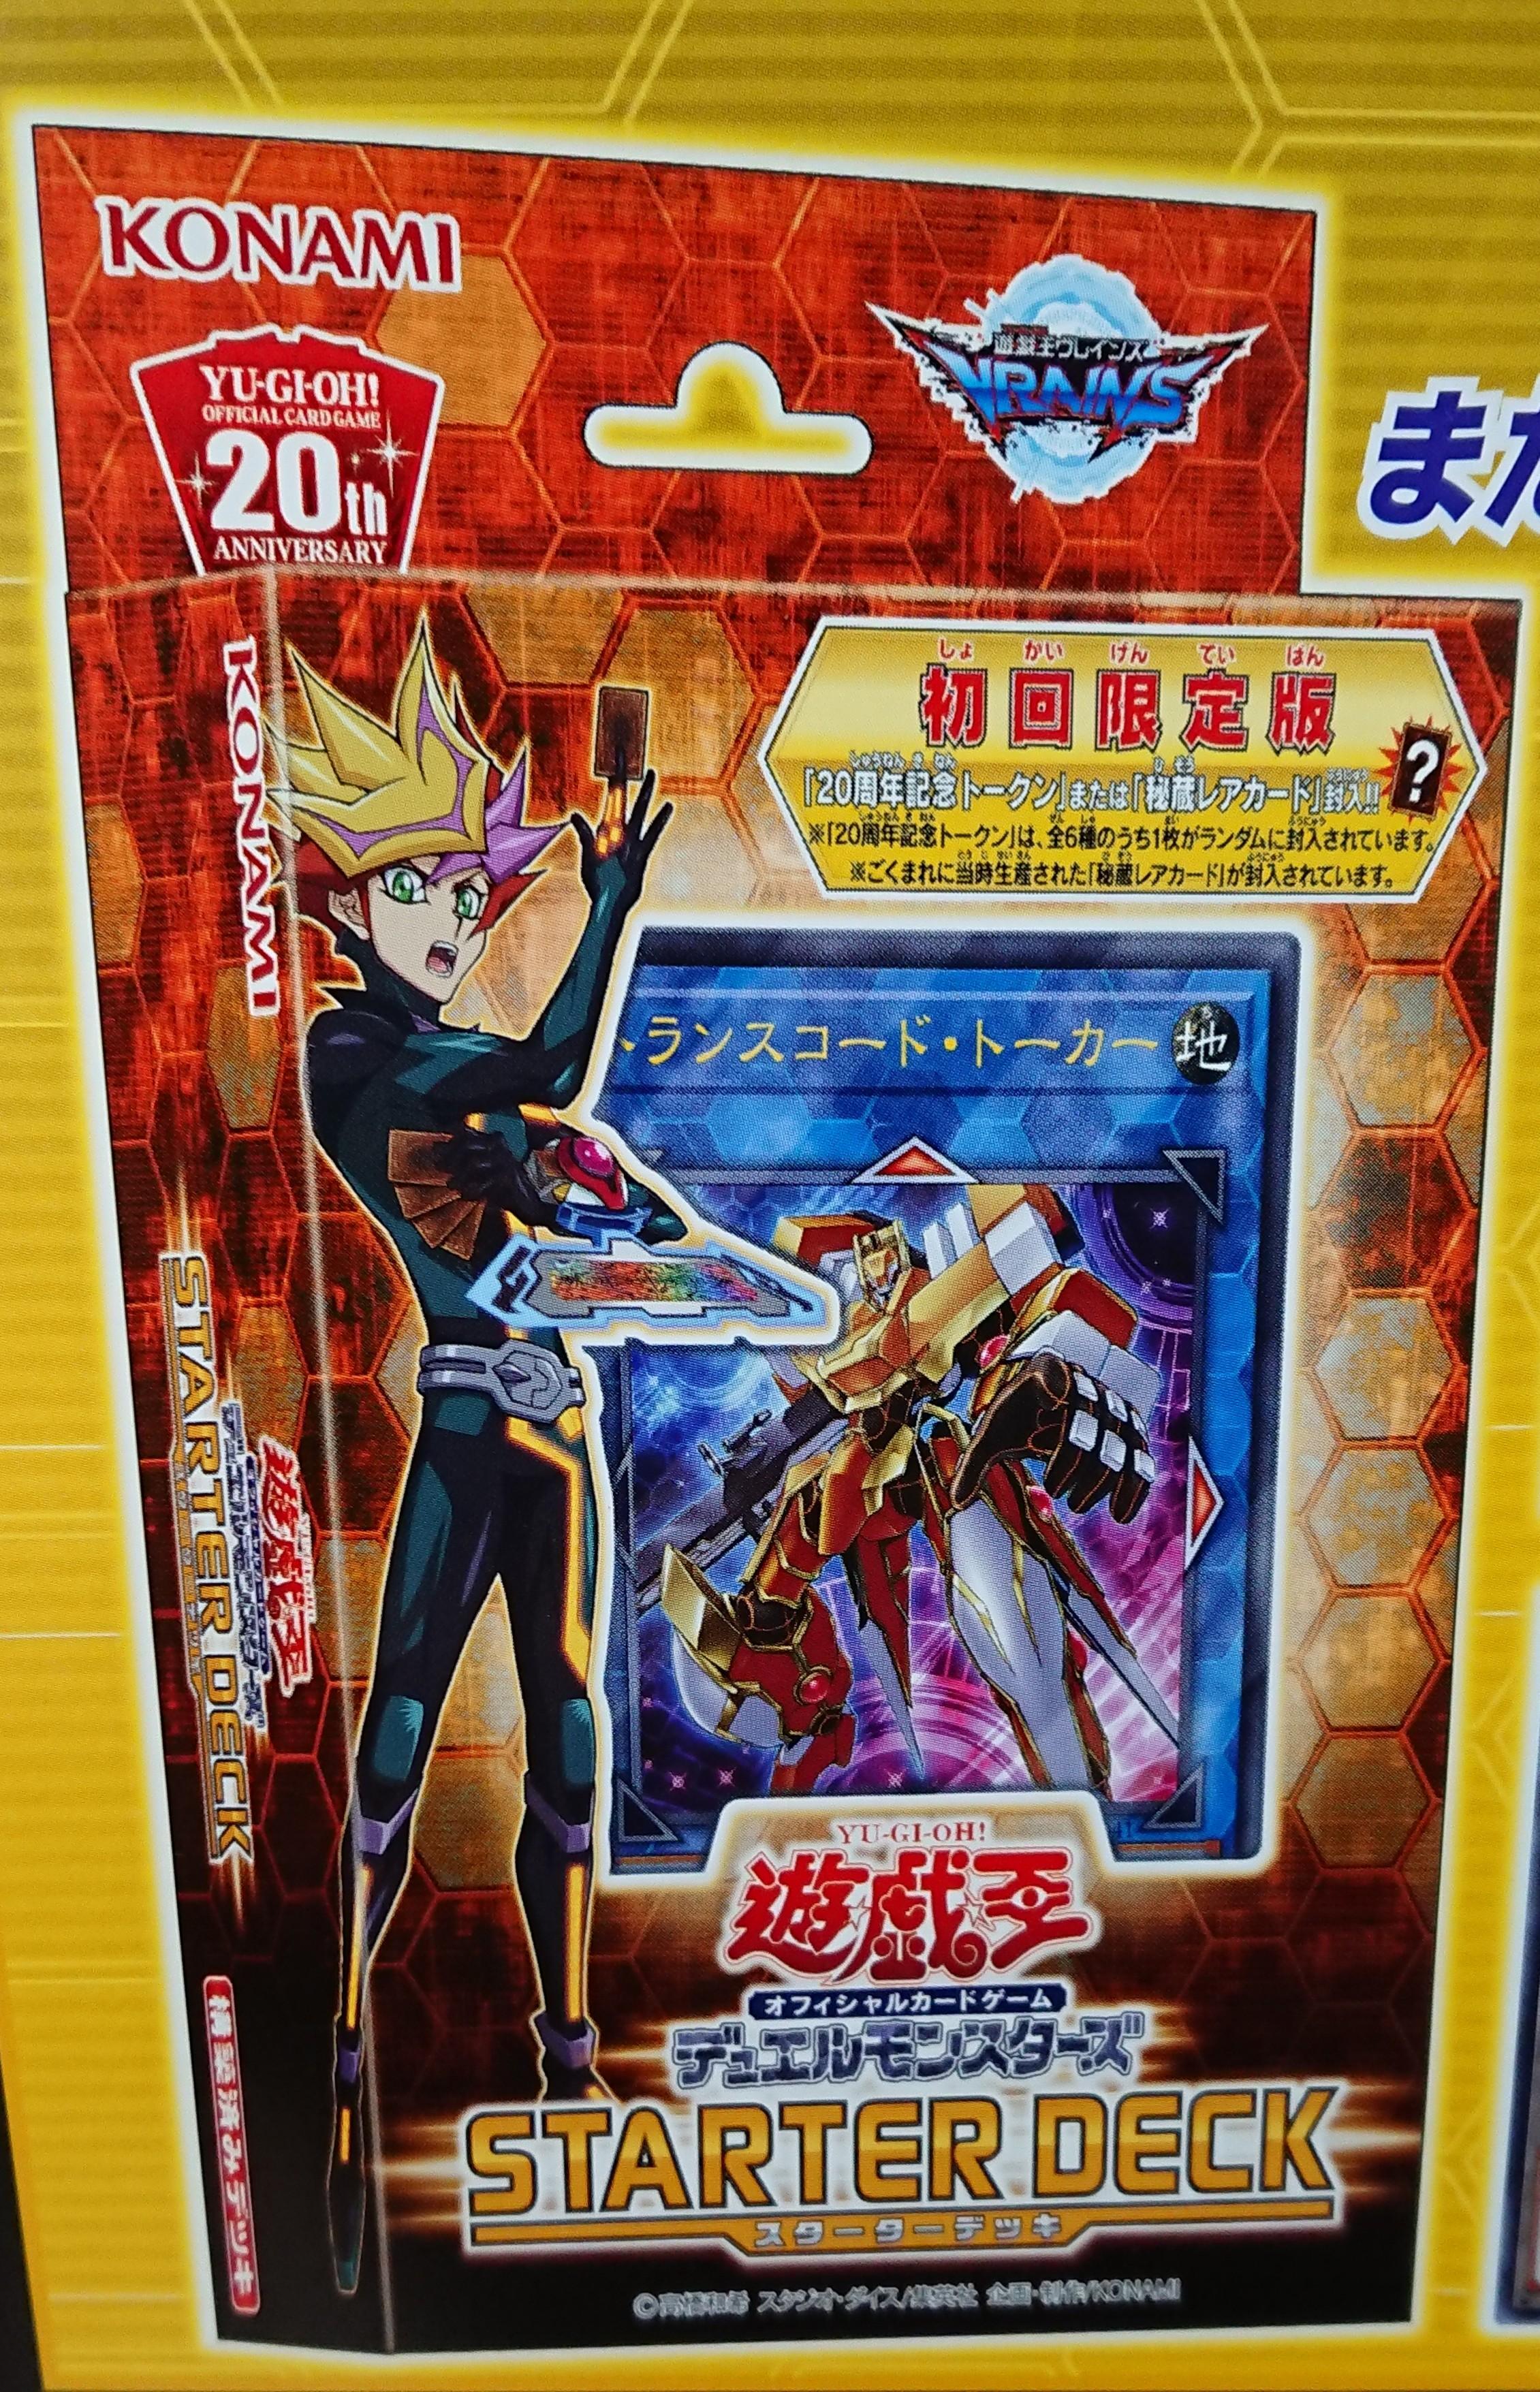 【遊戯王OCG】3月24日発売のスターターデッキ2018のポスターが ...